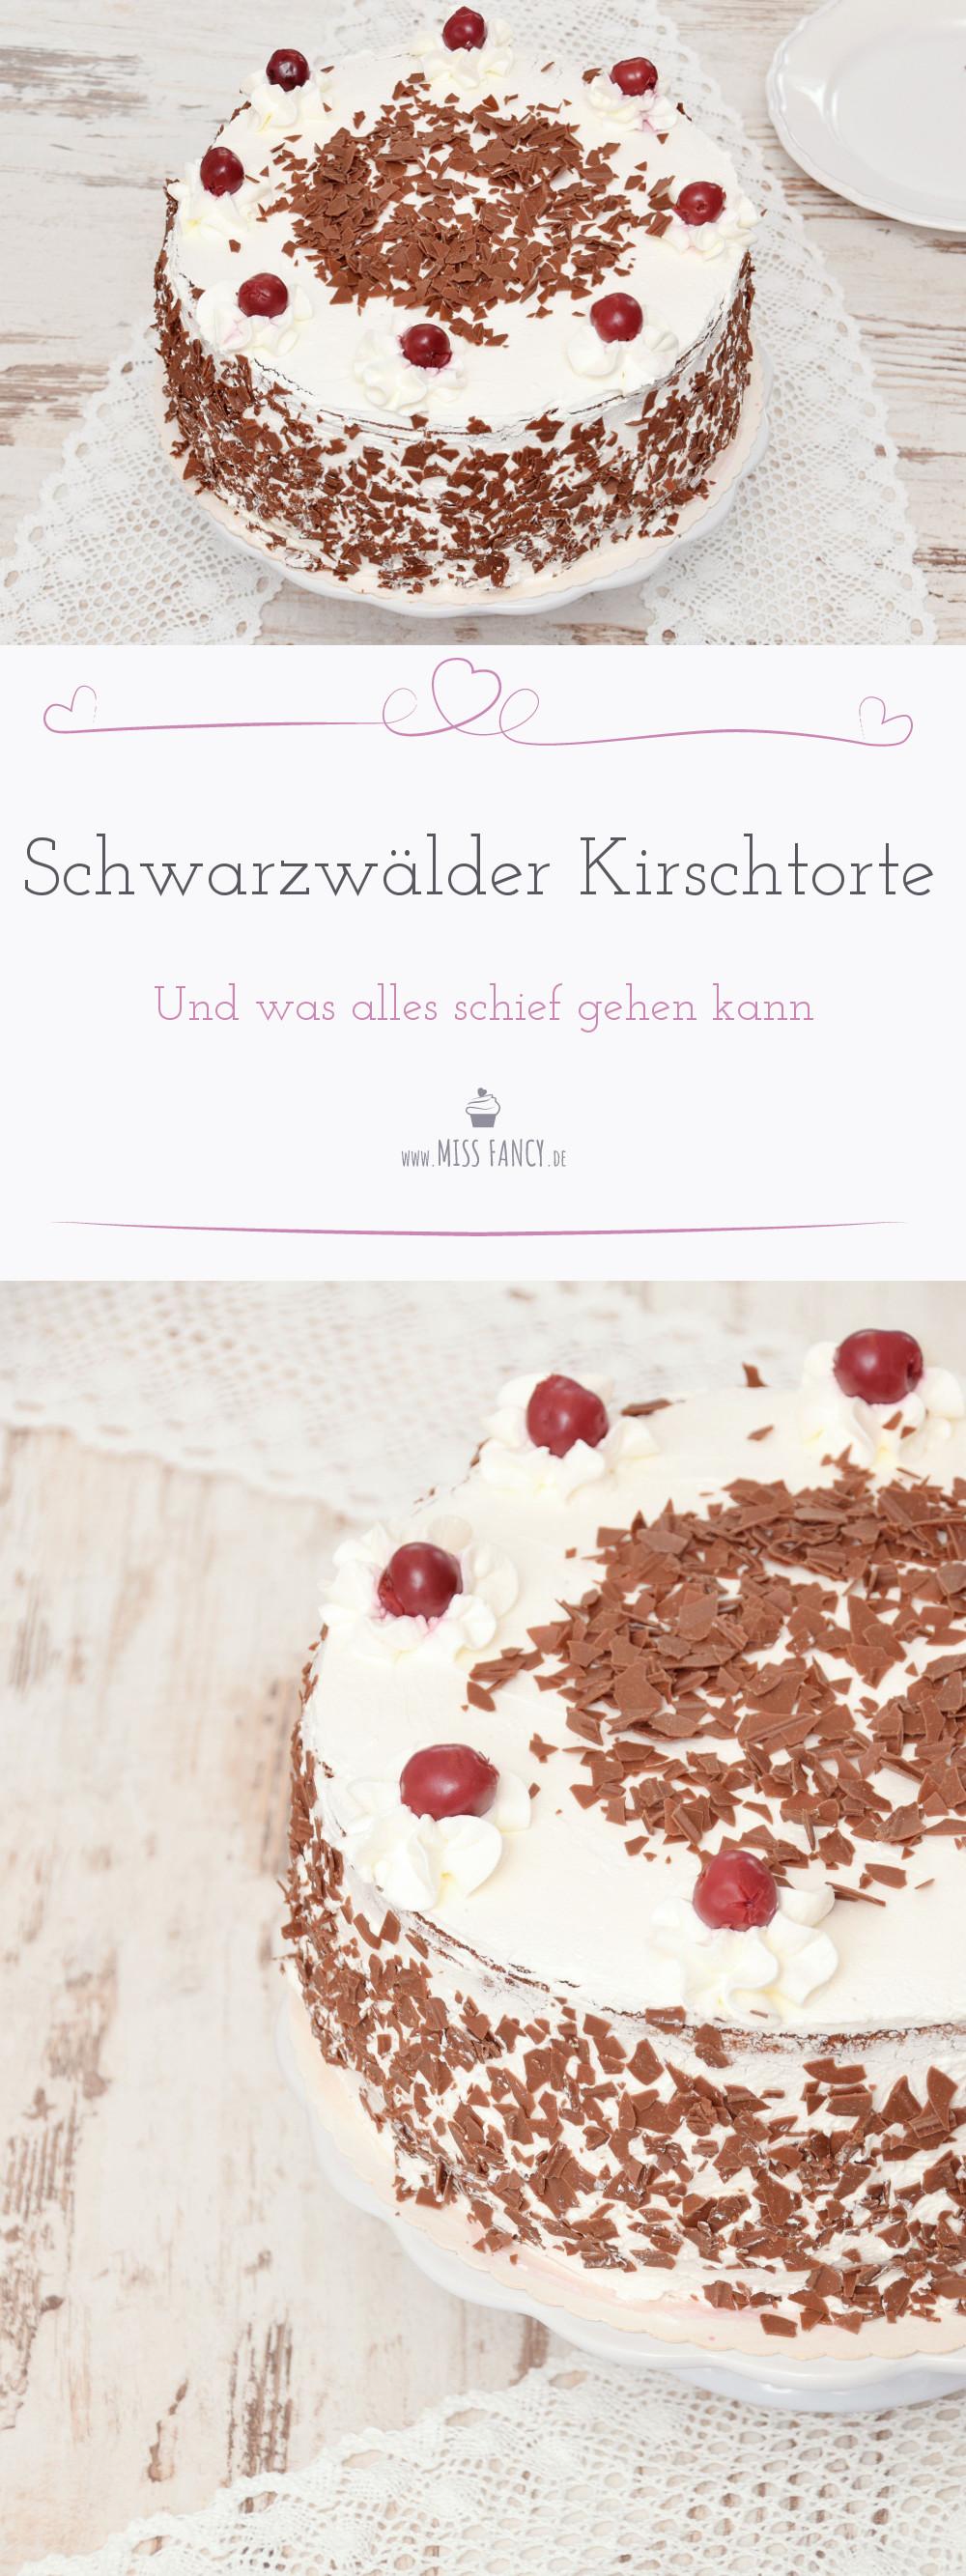 Schwarzwalder Kirschtorte Eine Echte Herausforderung Miss Fancy